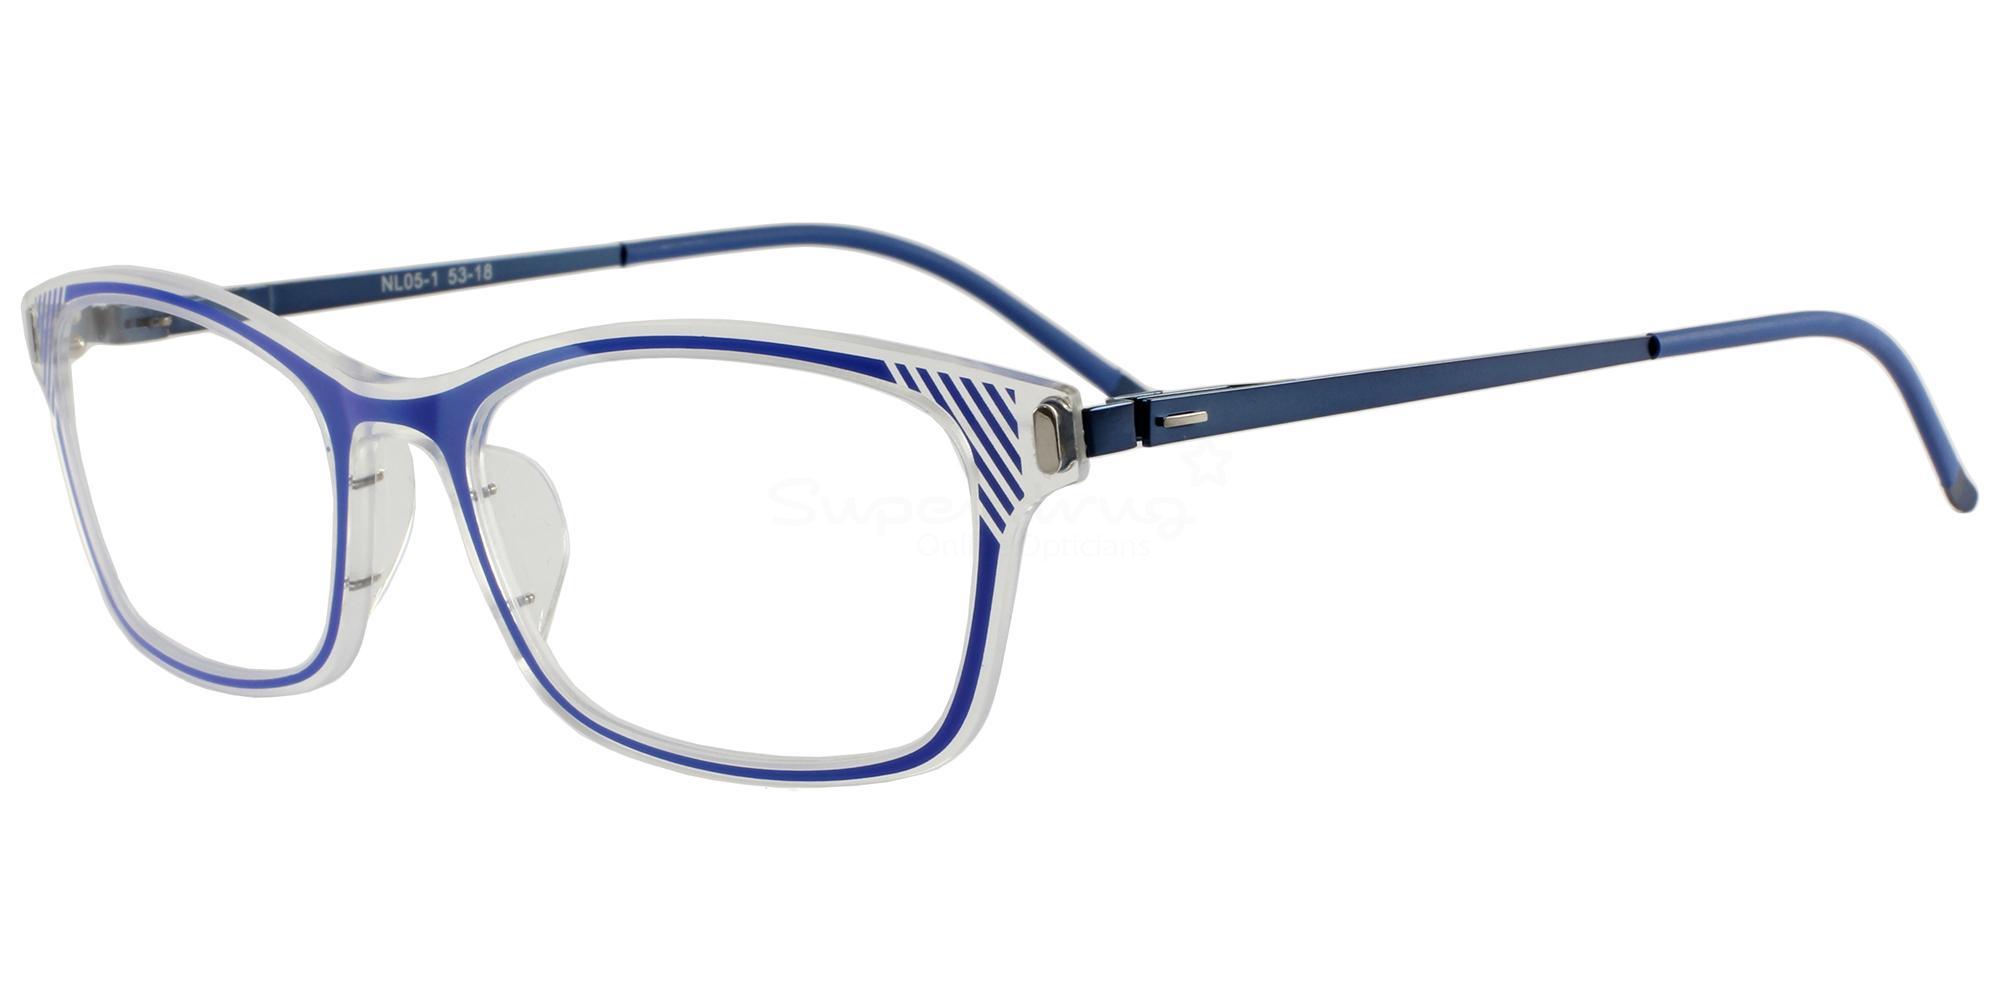 C1 05 Glasses, Nord Lite